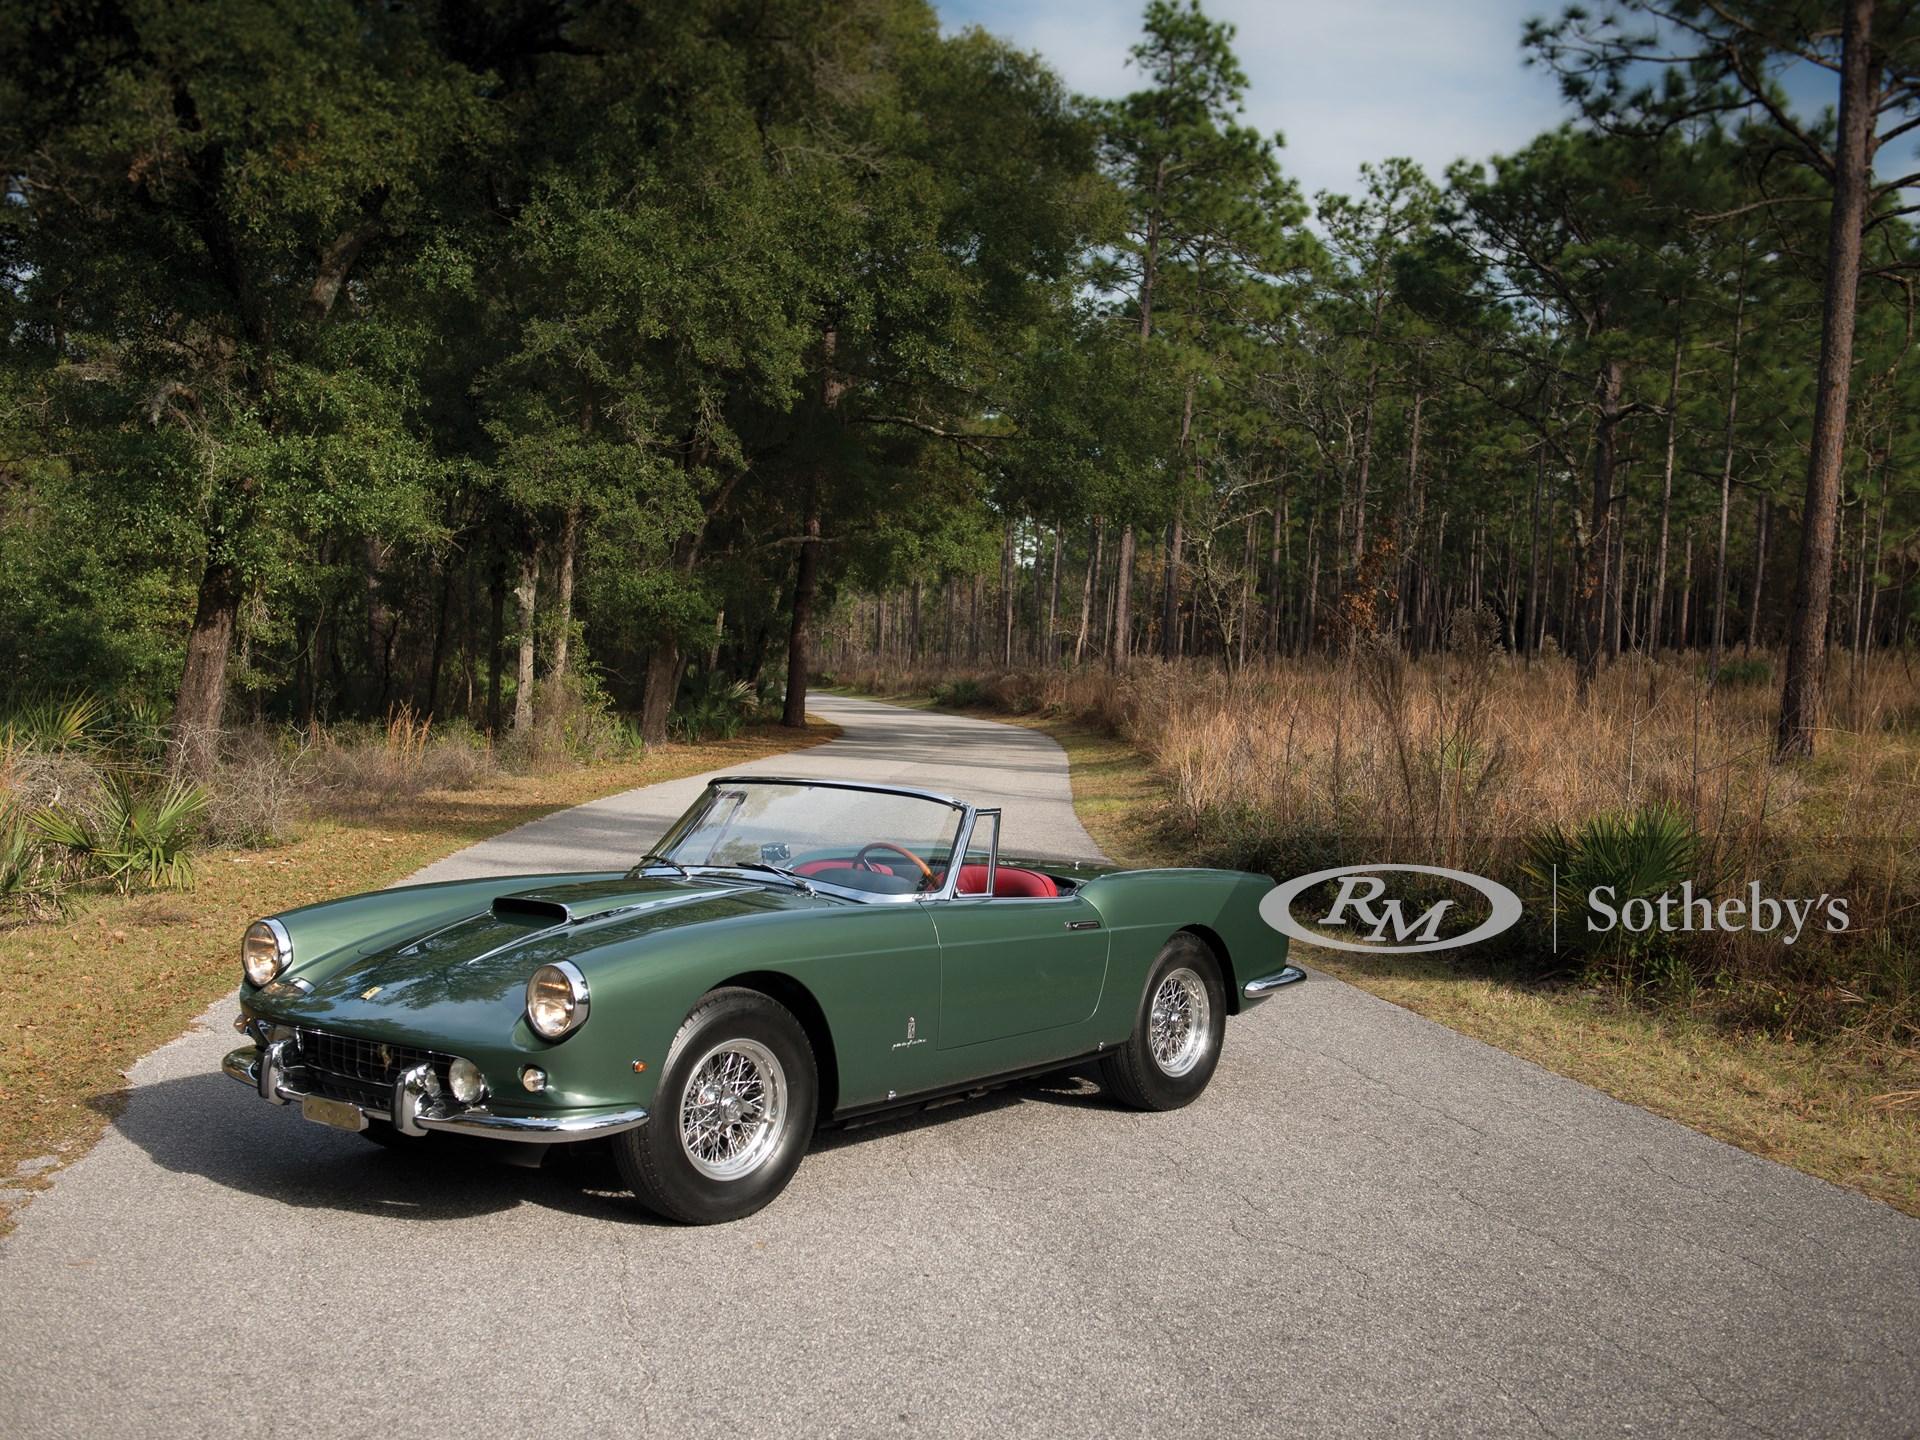 1960 Ferrari 400 Superamerica Swb Cabriolet By Pinin Farina Amelia Island 2015 Rm Sotheby S